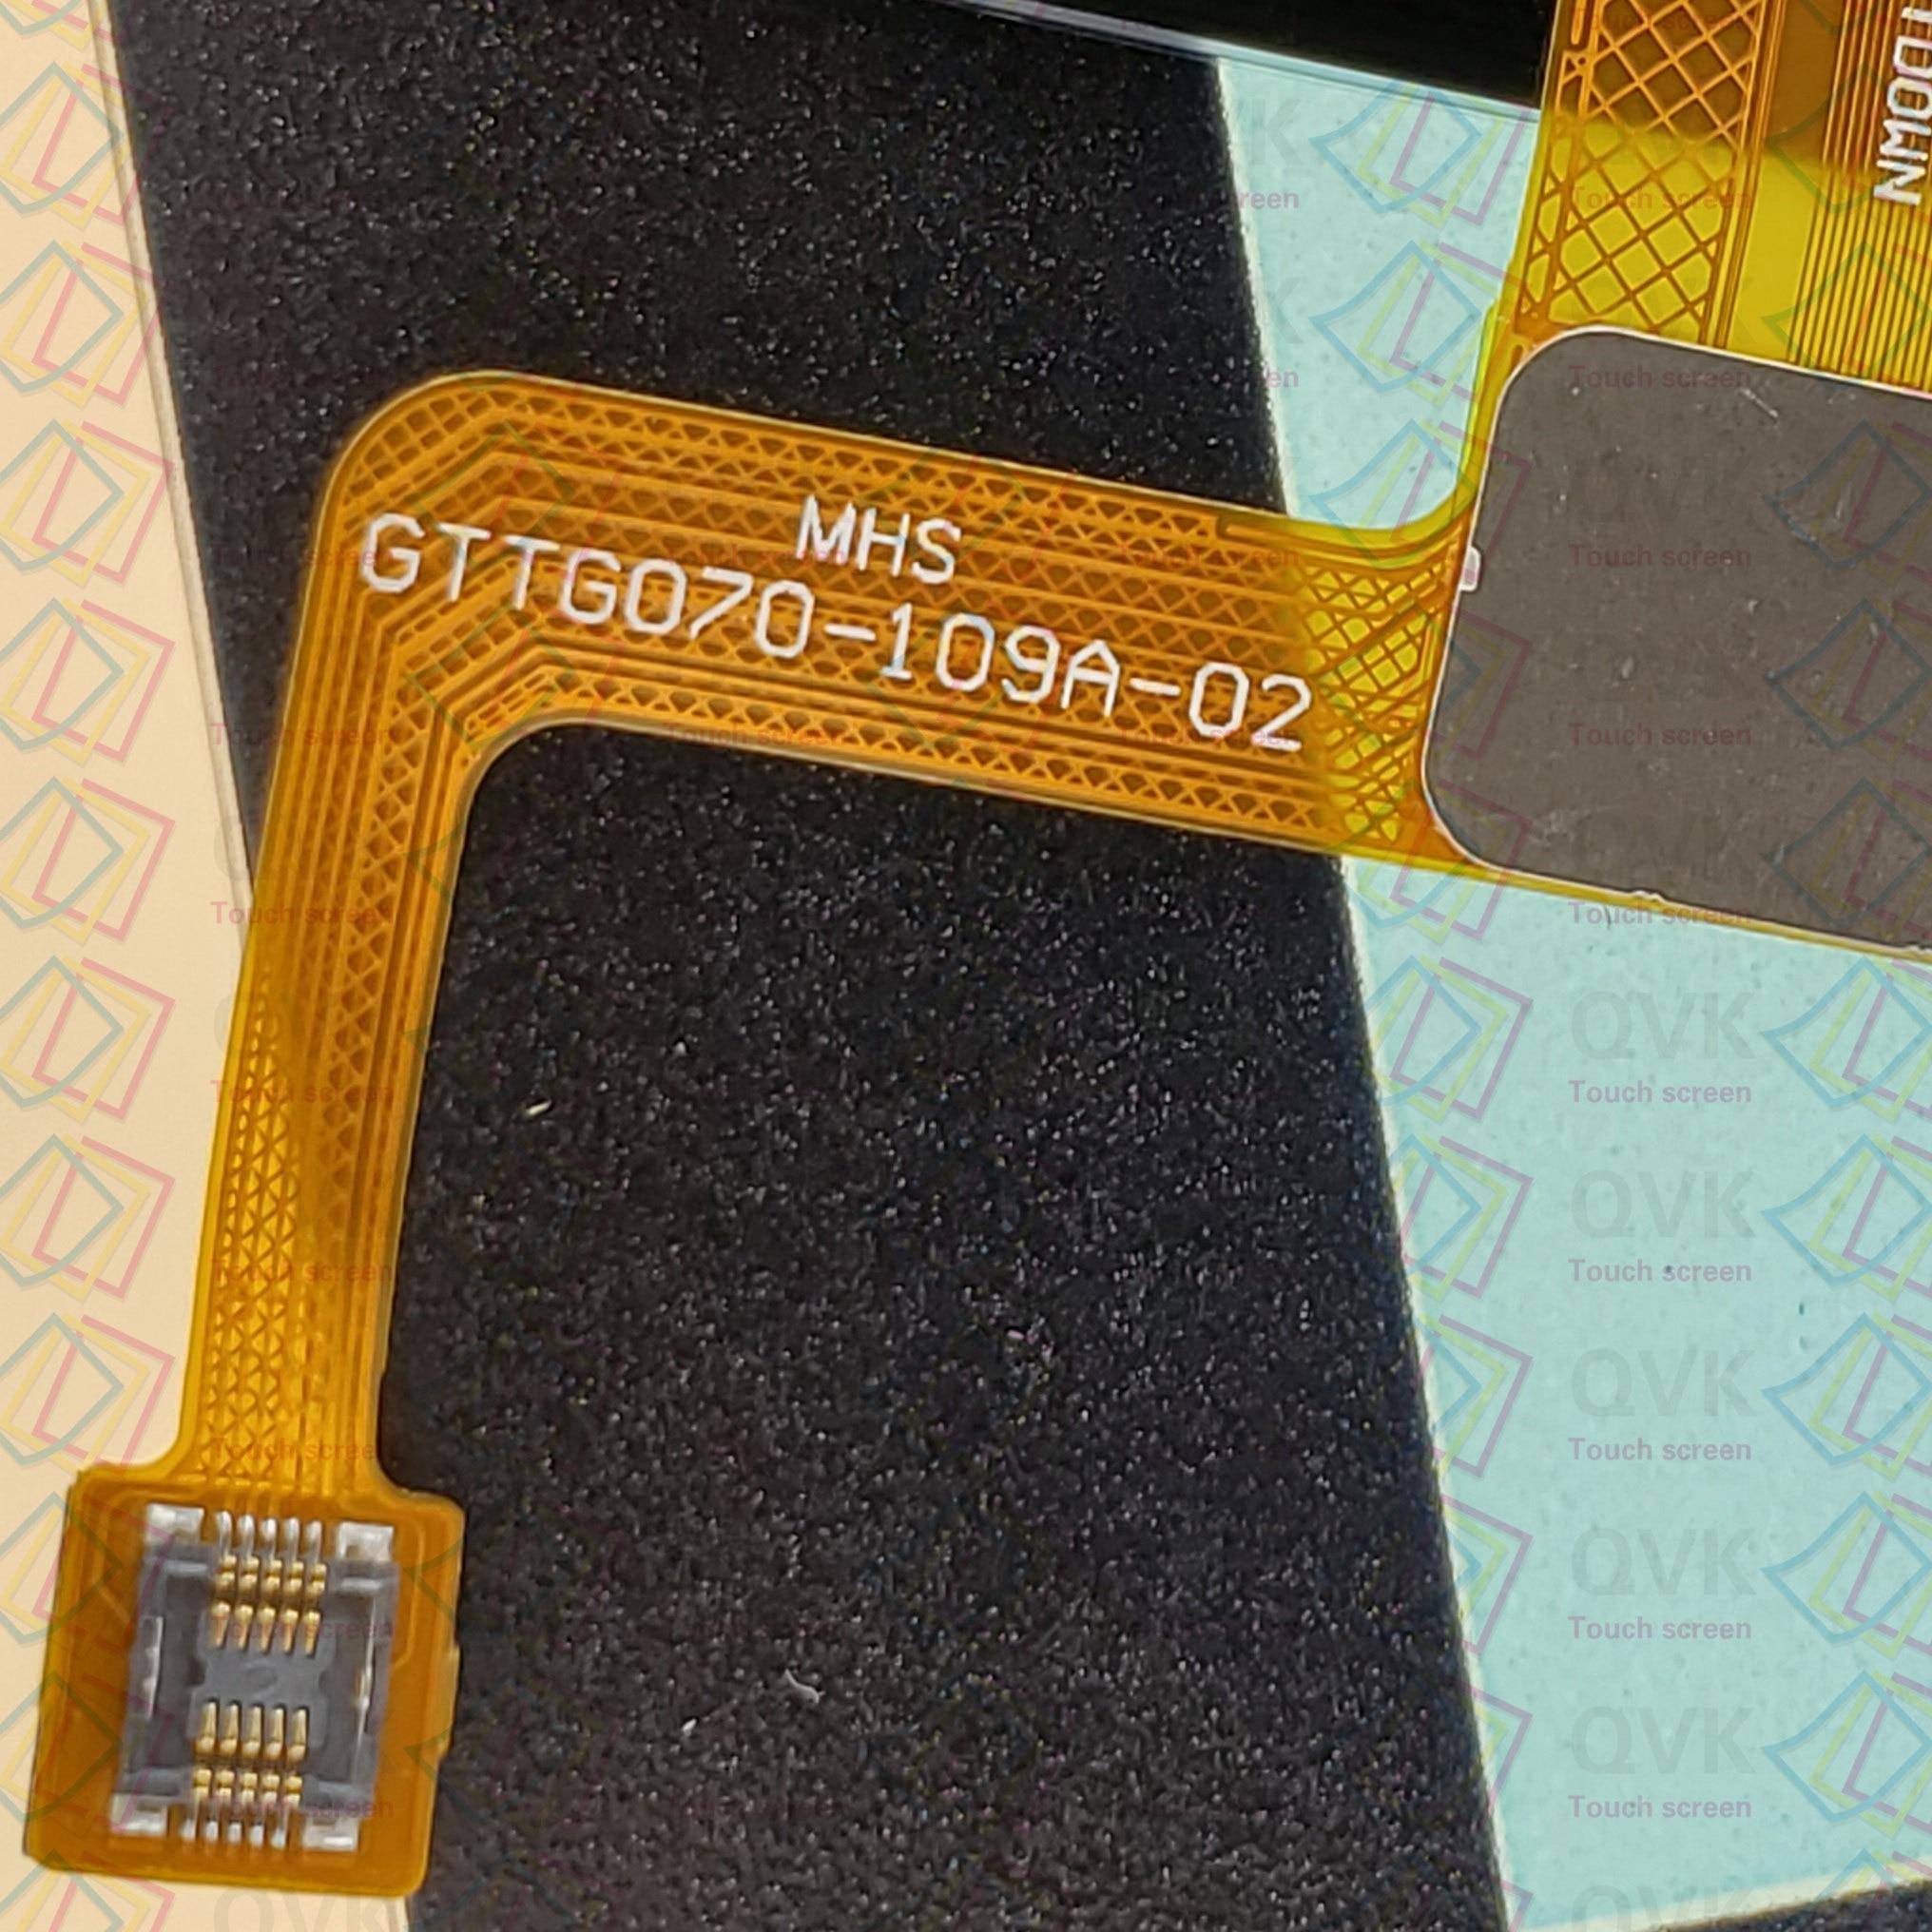 Painel touch screen digitador sensor de vidro Substituição FX-C9.0-0072a-f-01 FX-9.0-0072a-f-01 observando tamanho e cor